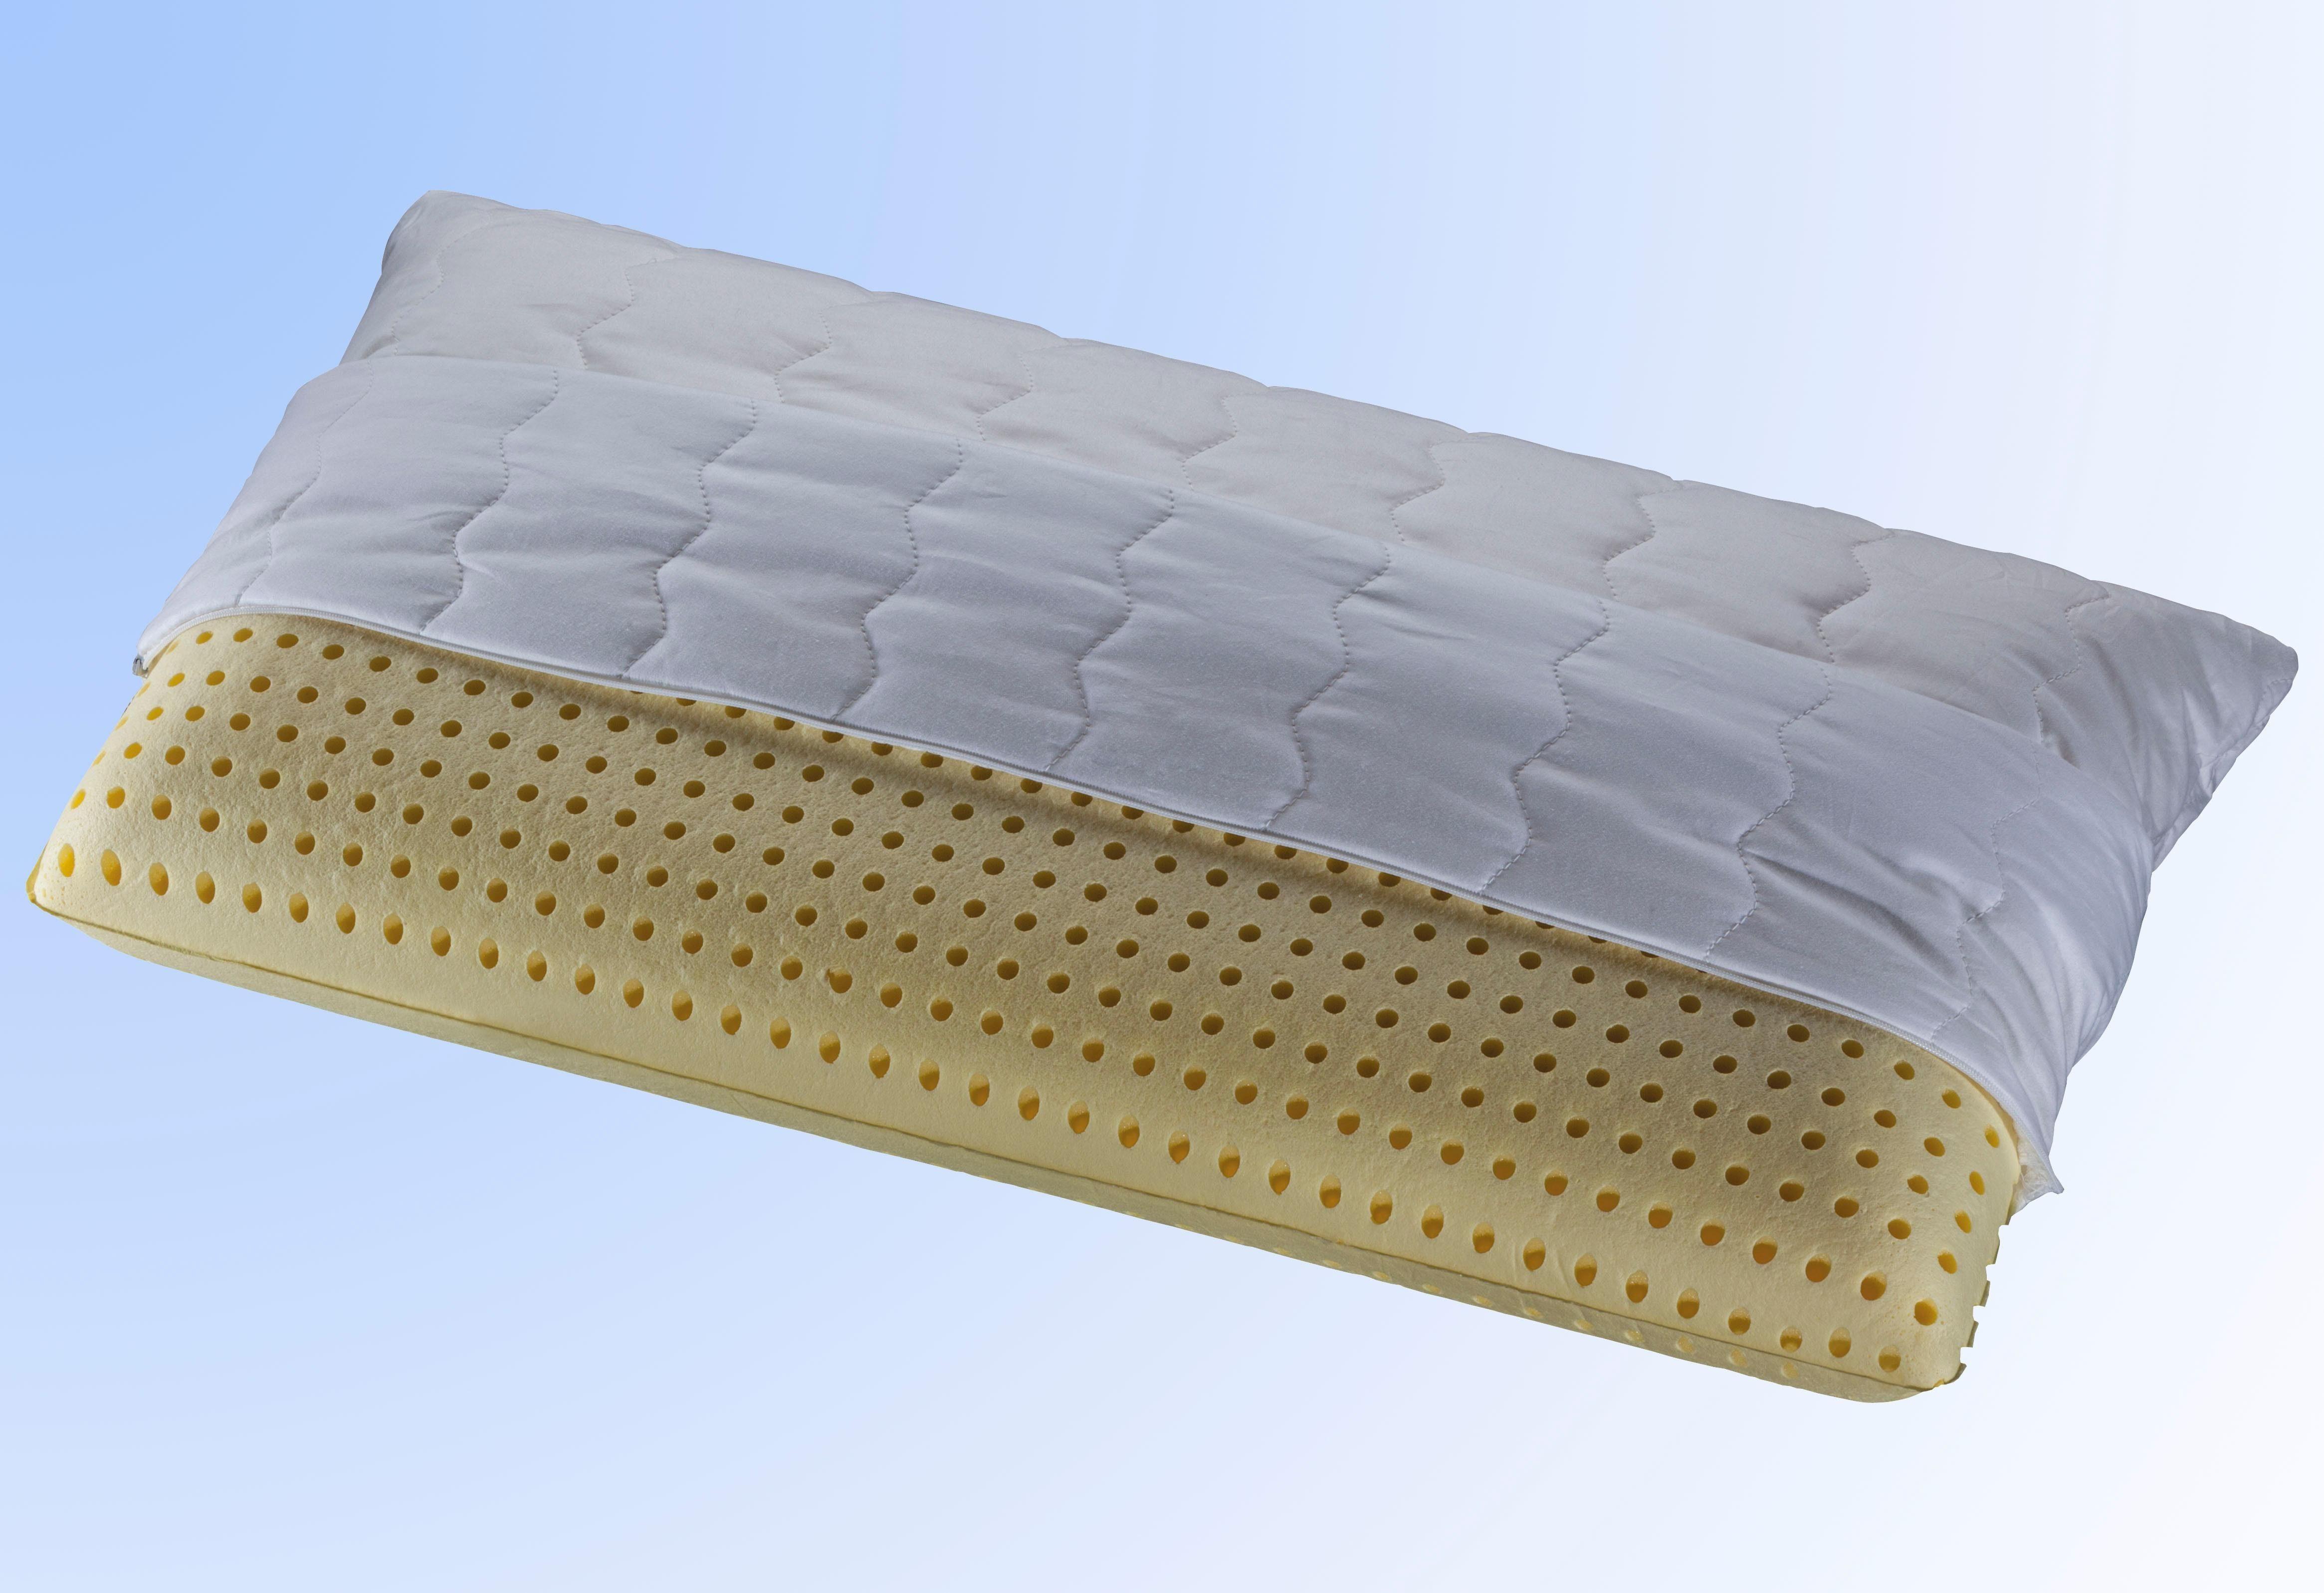 Nackenstützkissen, »Nackenstützkissen Comfort Soft«, Centa-Star Extra, 38x74 cm